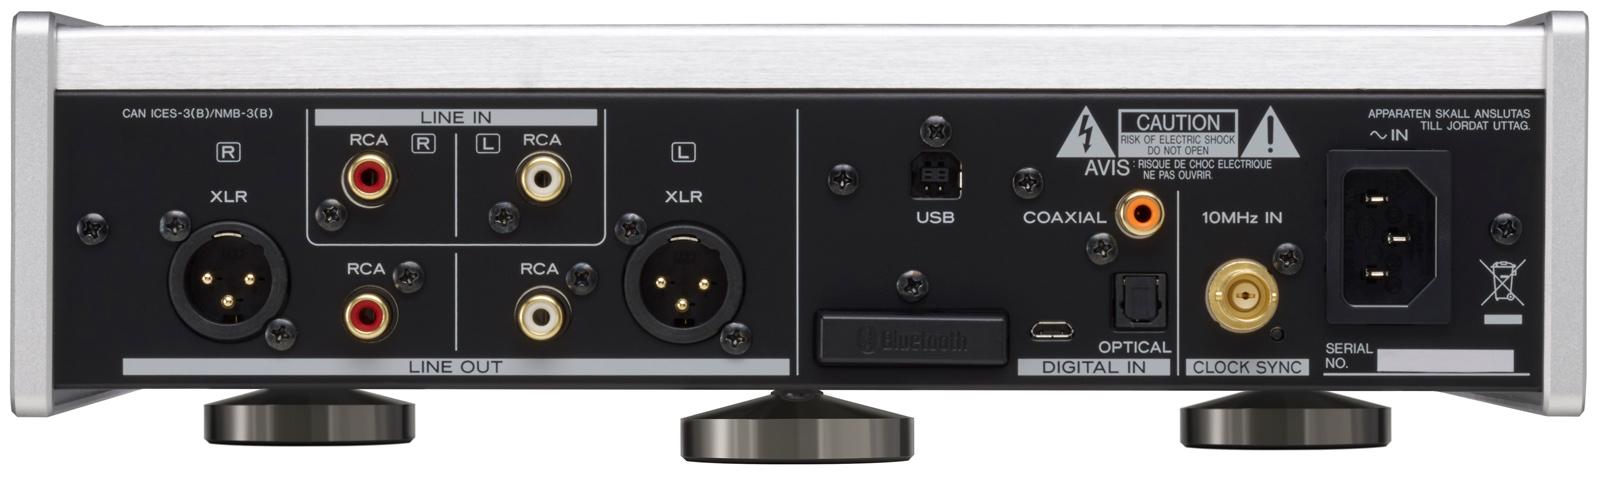 UD-505-X